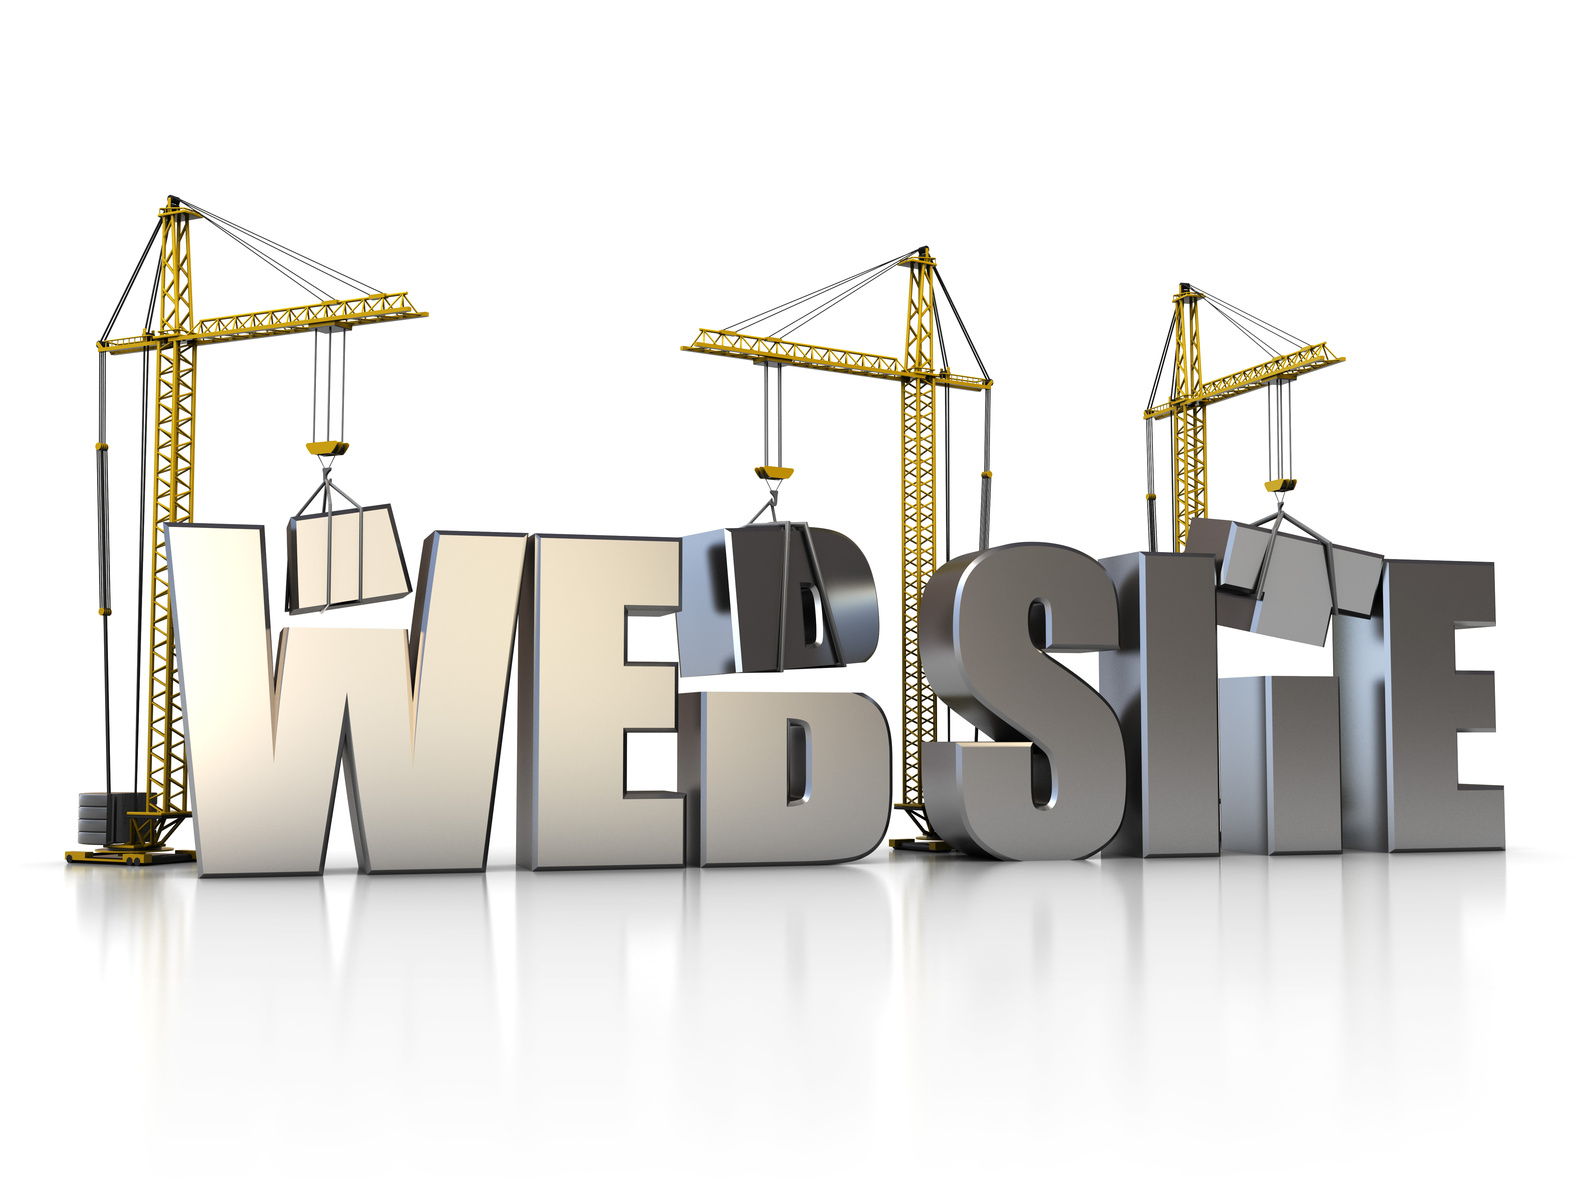 לימודים בניית אתרים פיתוח אפליקציות